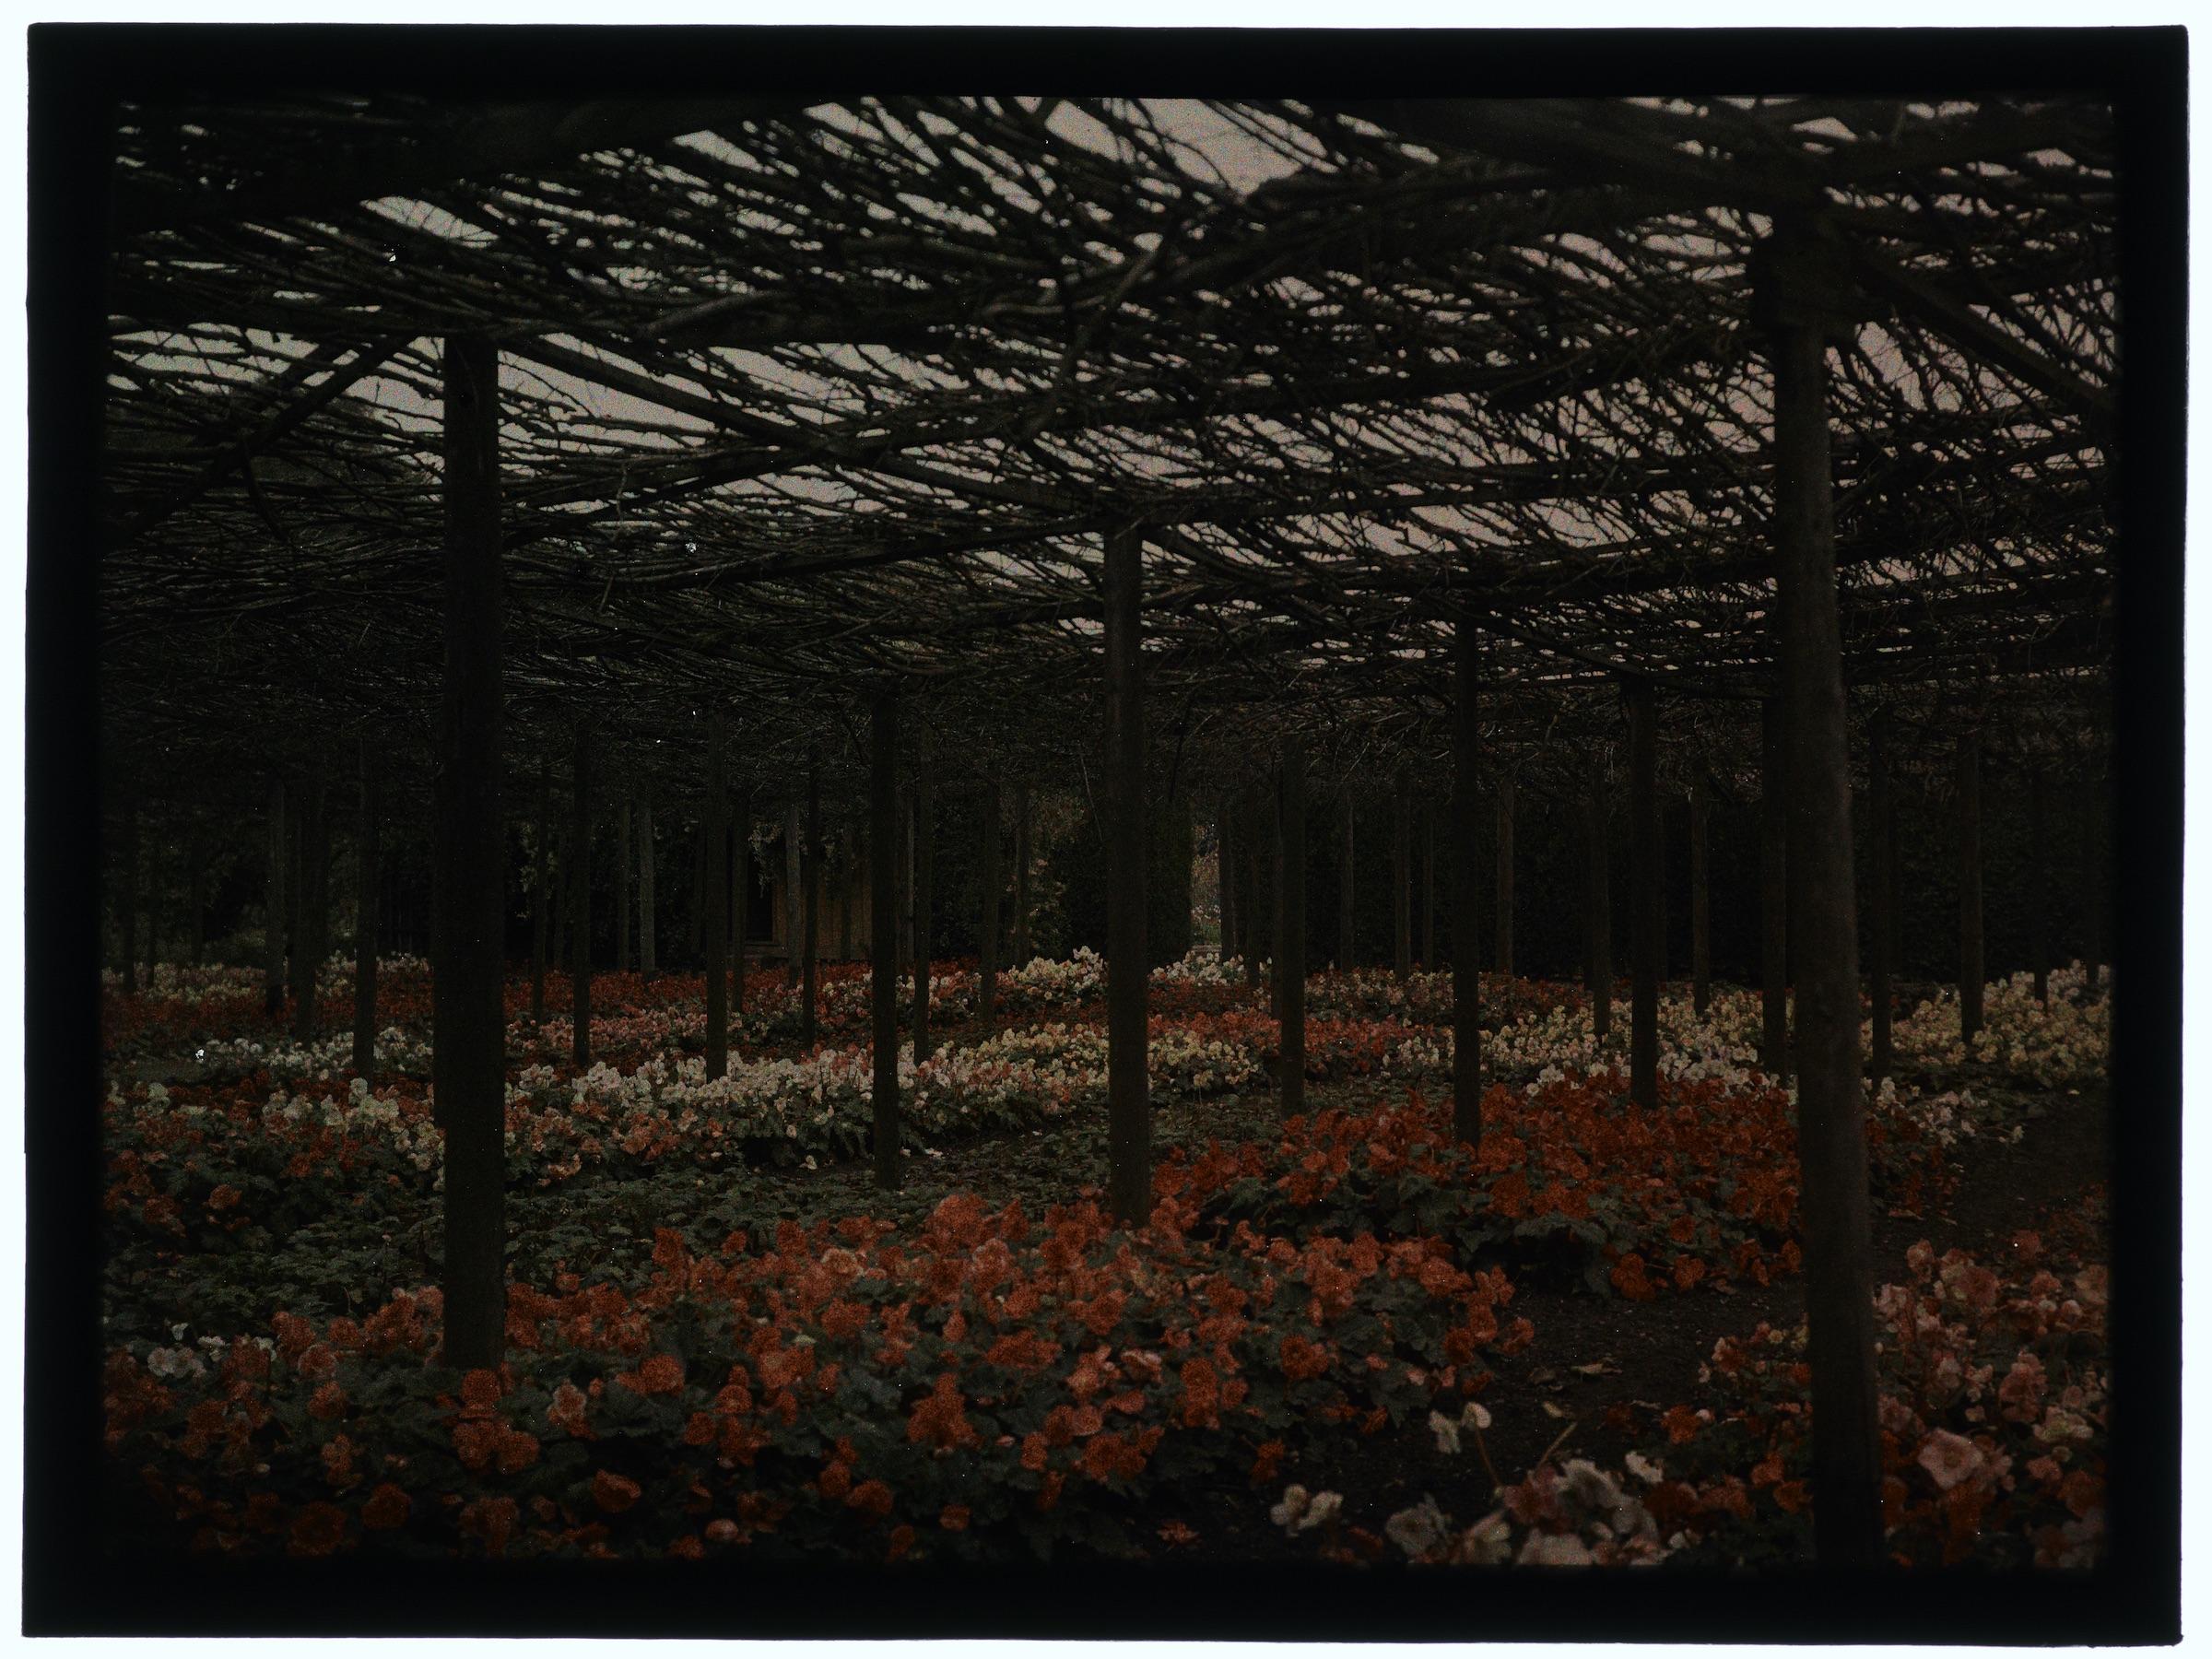 Fleurs sous les branchages ou dans la serre arrondie